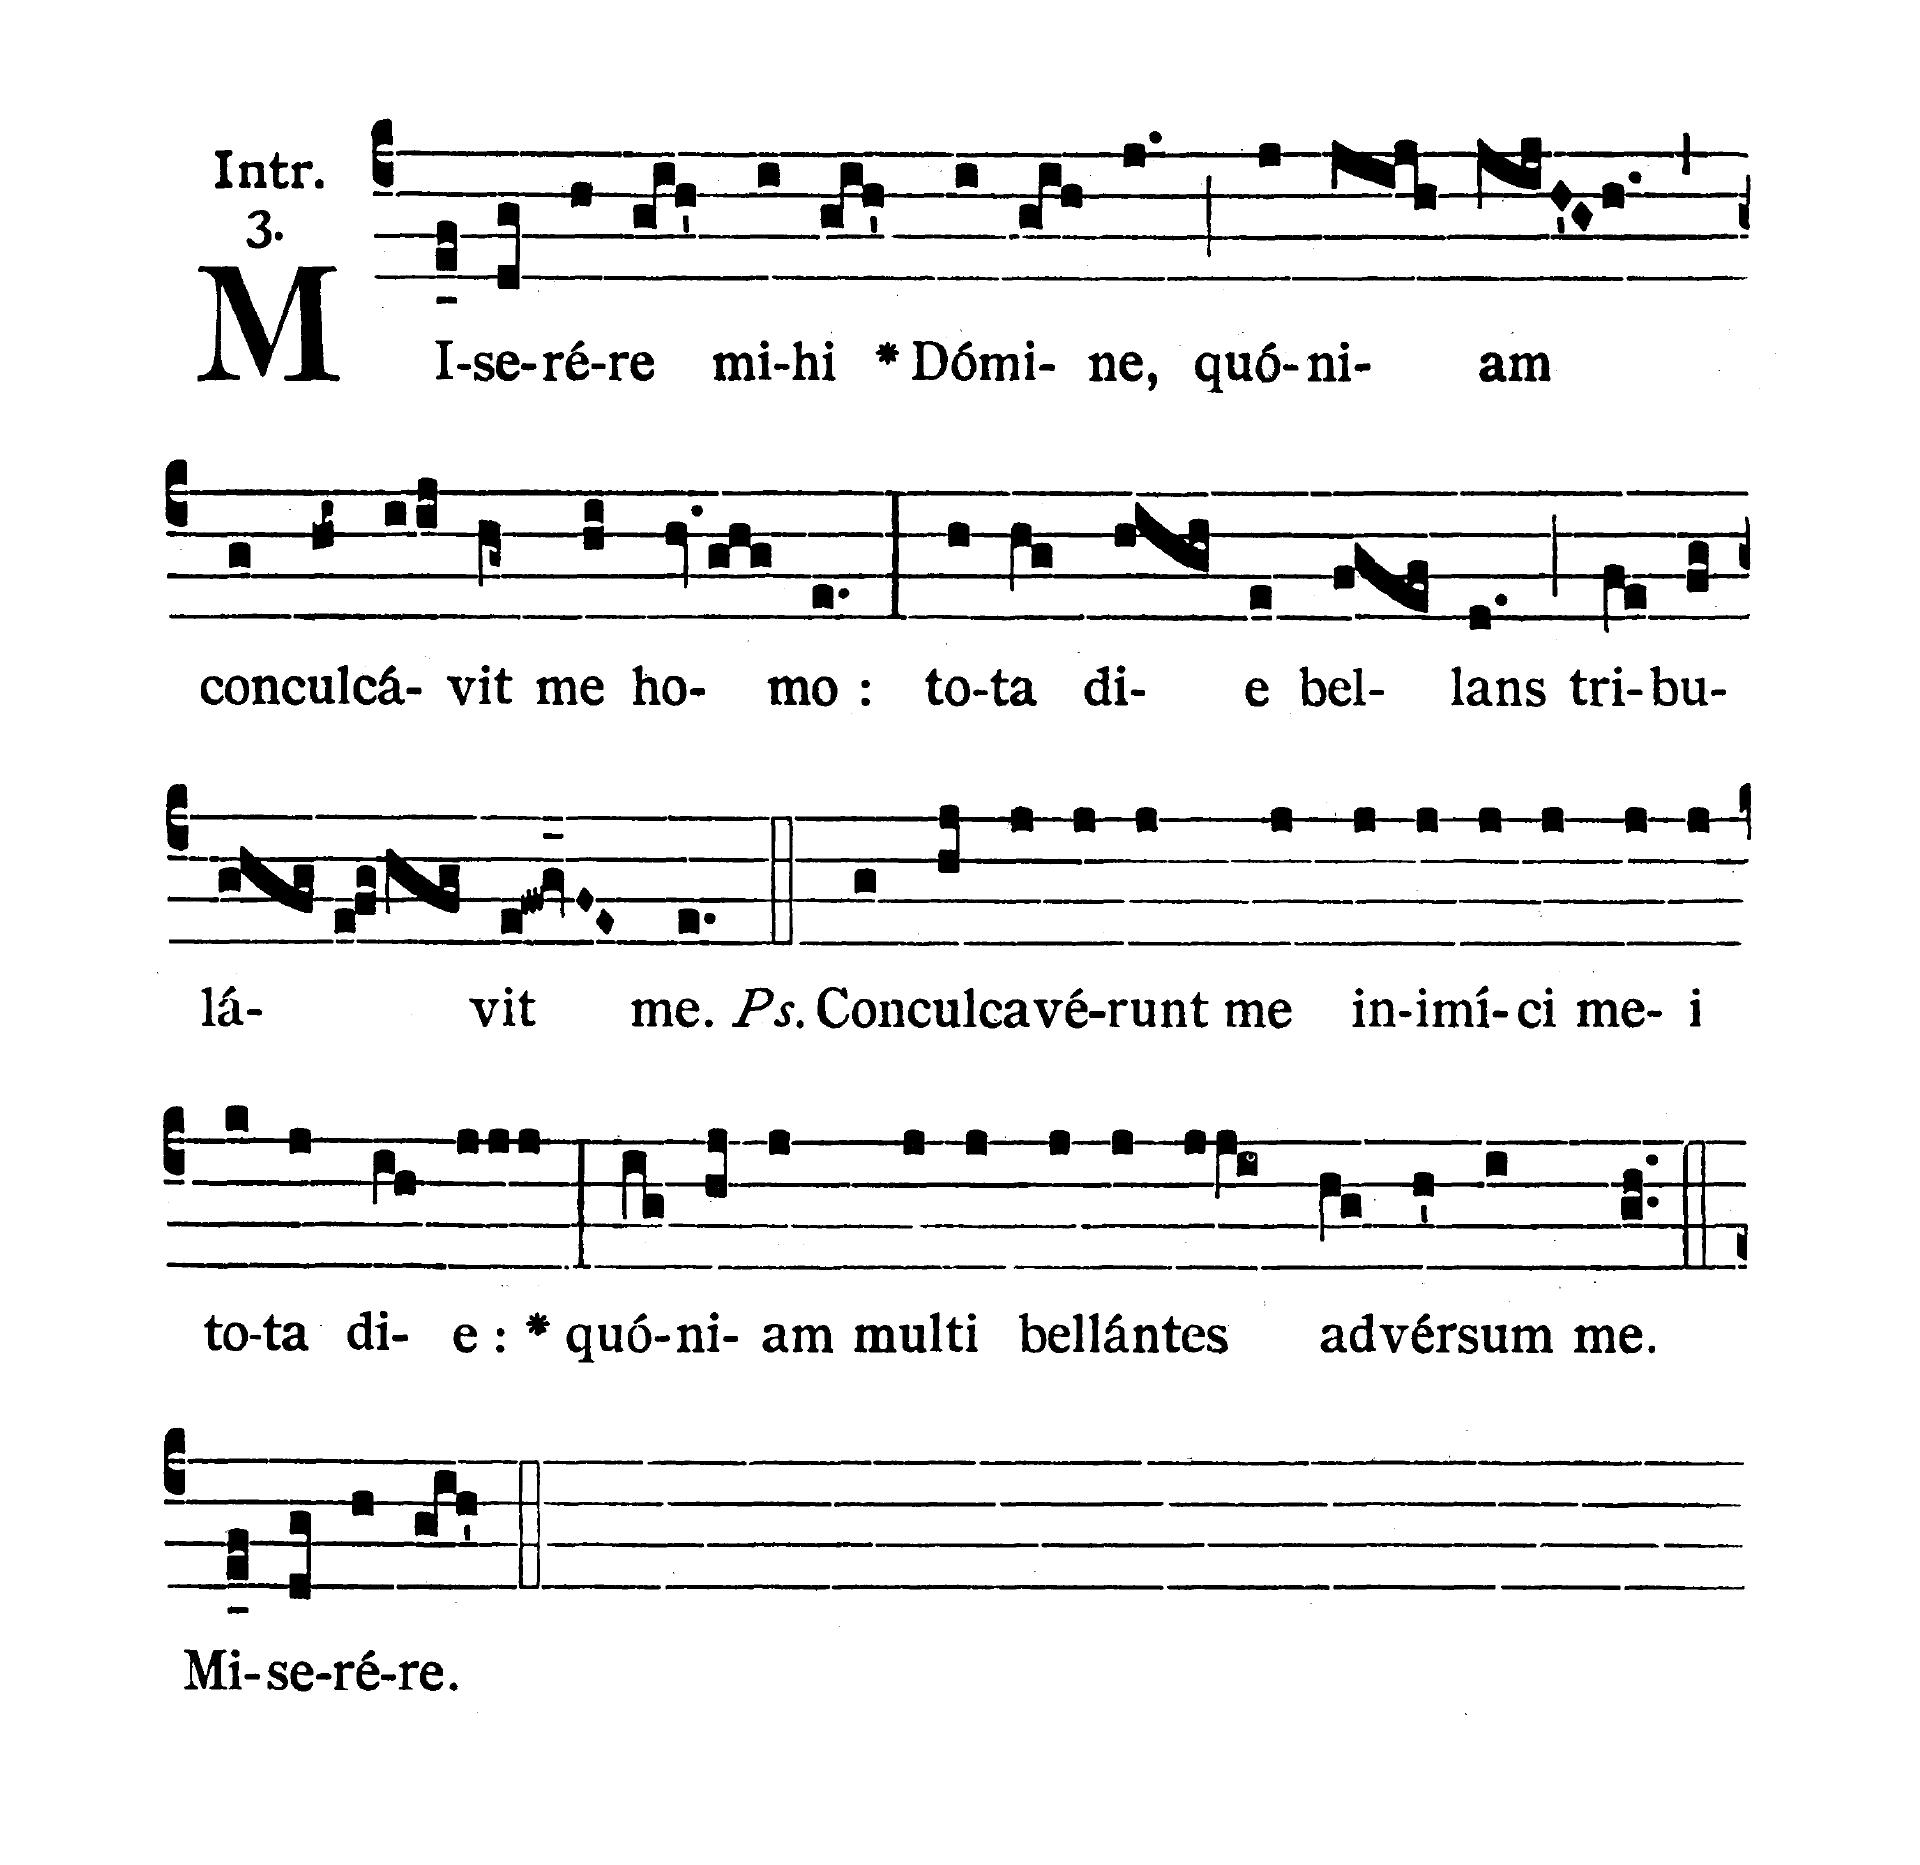 Feria II post Dominicam I Passionis (Poniedziałek po I Niedzieli Męki Pańskiej) - Introitus (Miserere mihi)